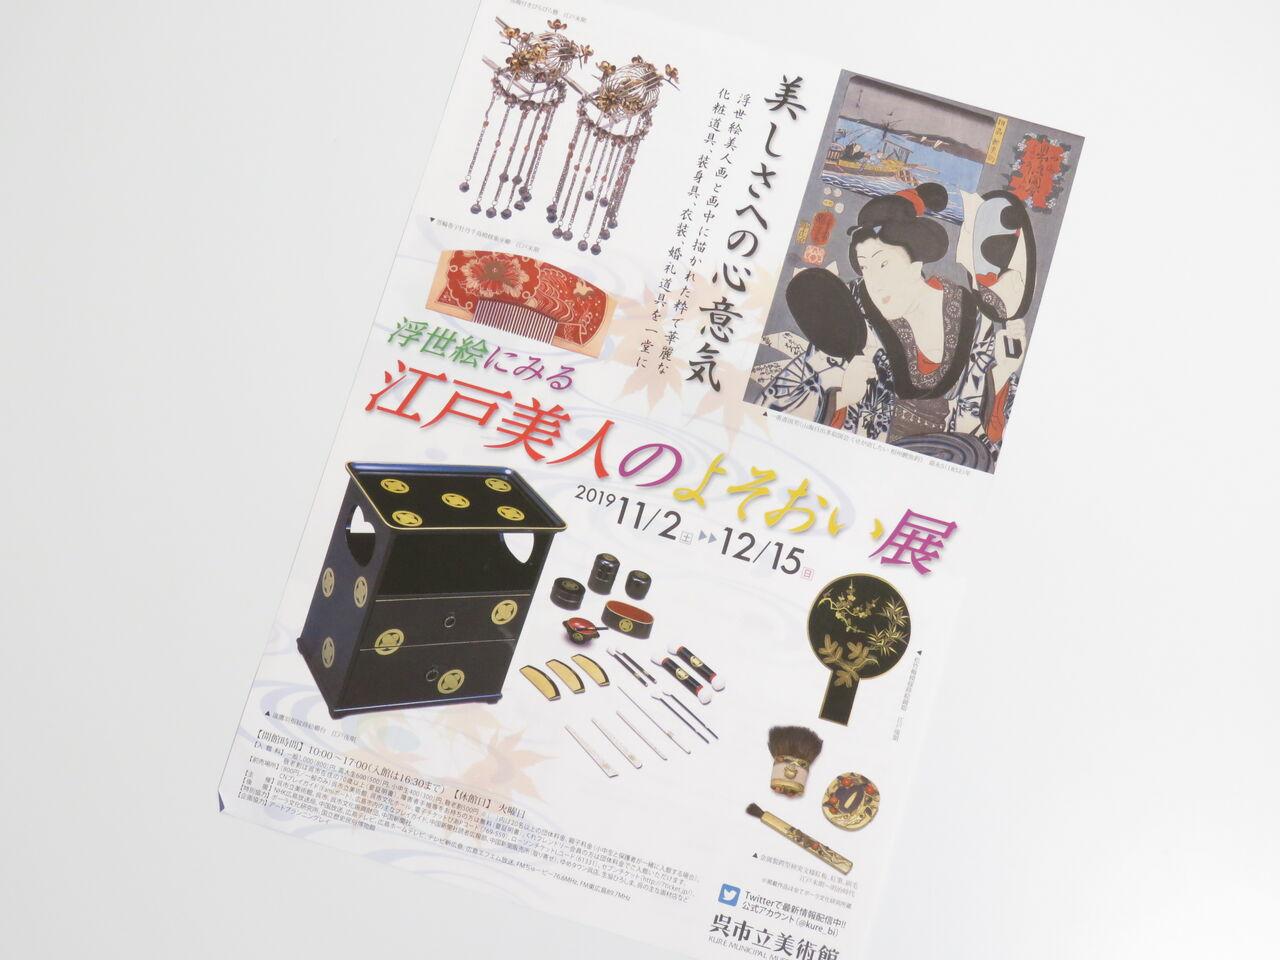 浮世絵にみる 江戸美人のよそおい展 ˊᵕˋ 美容ライター